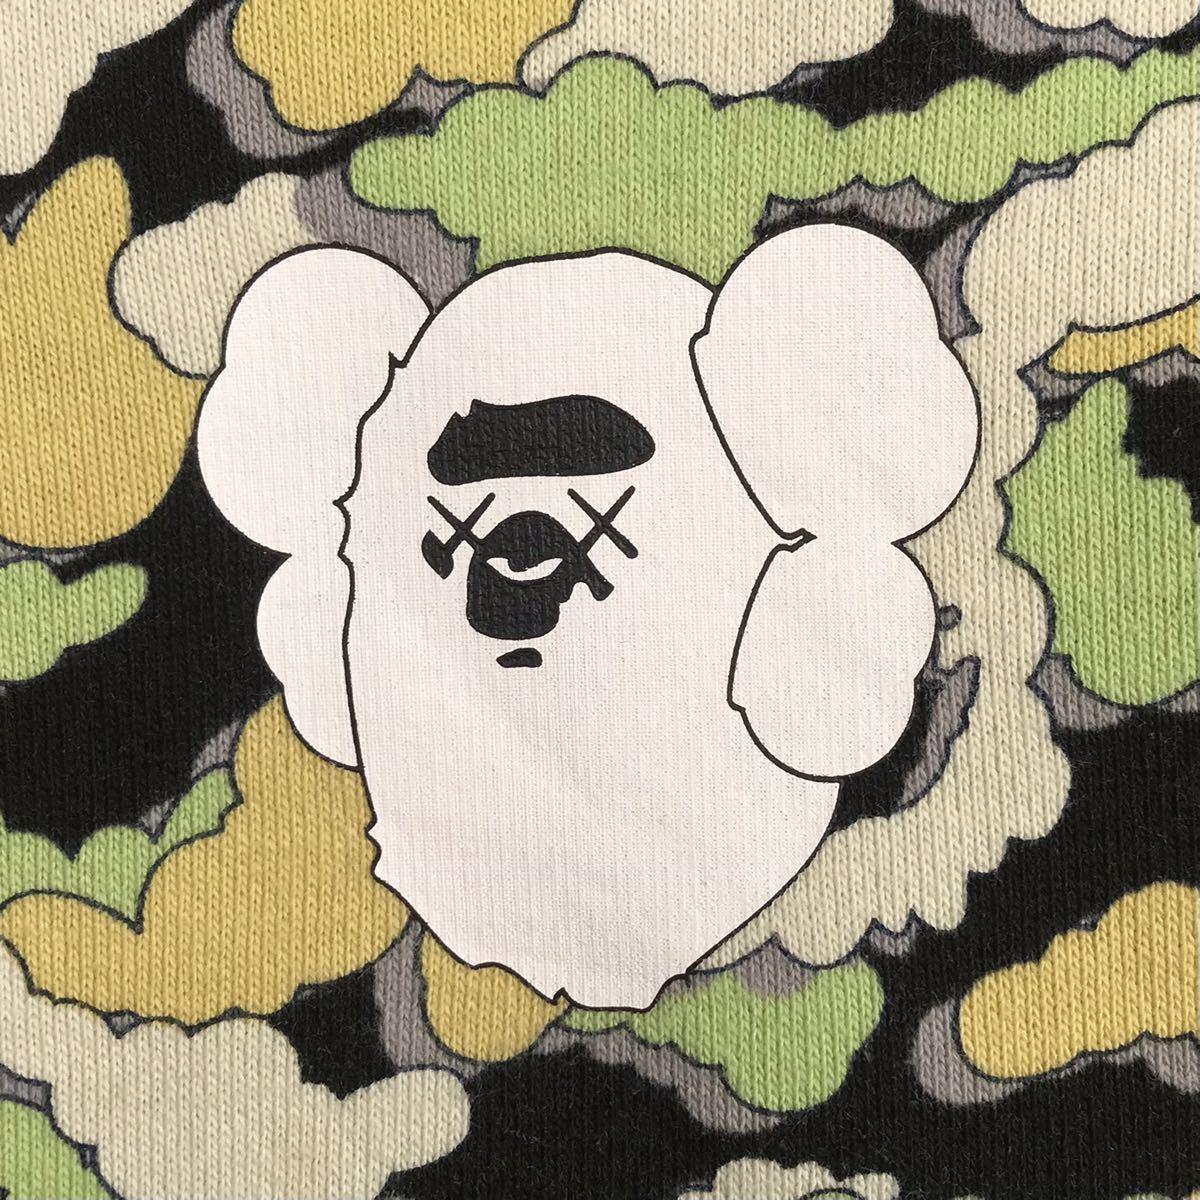 ★リバーシブル★ kaws × bape 長袖スウェット XSサイズ cloud camo a bathing ape reversible sweat エイプ ベイプ カウズ 迷彩 5533